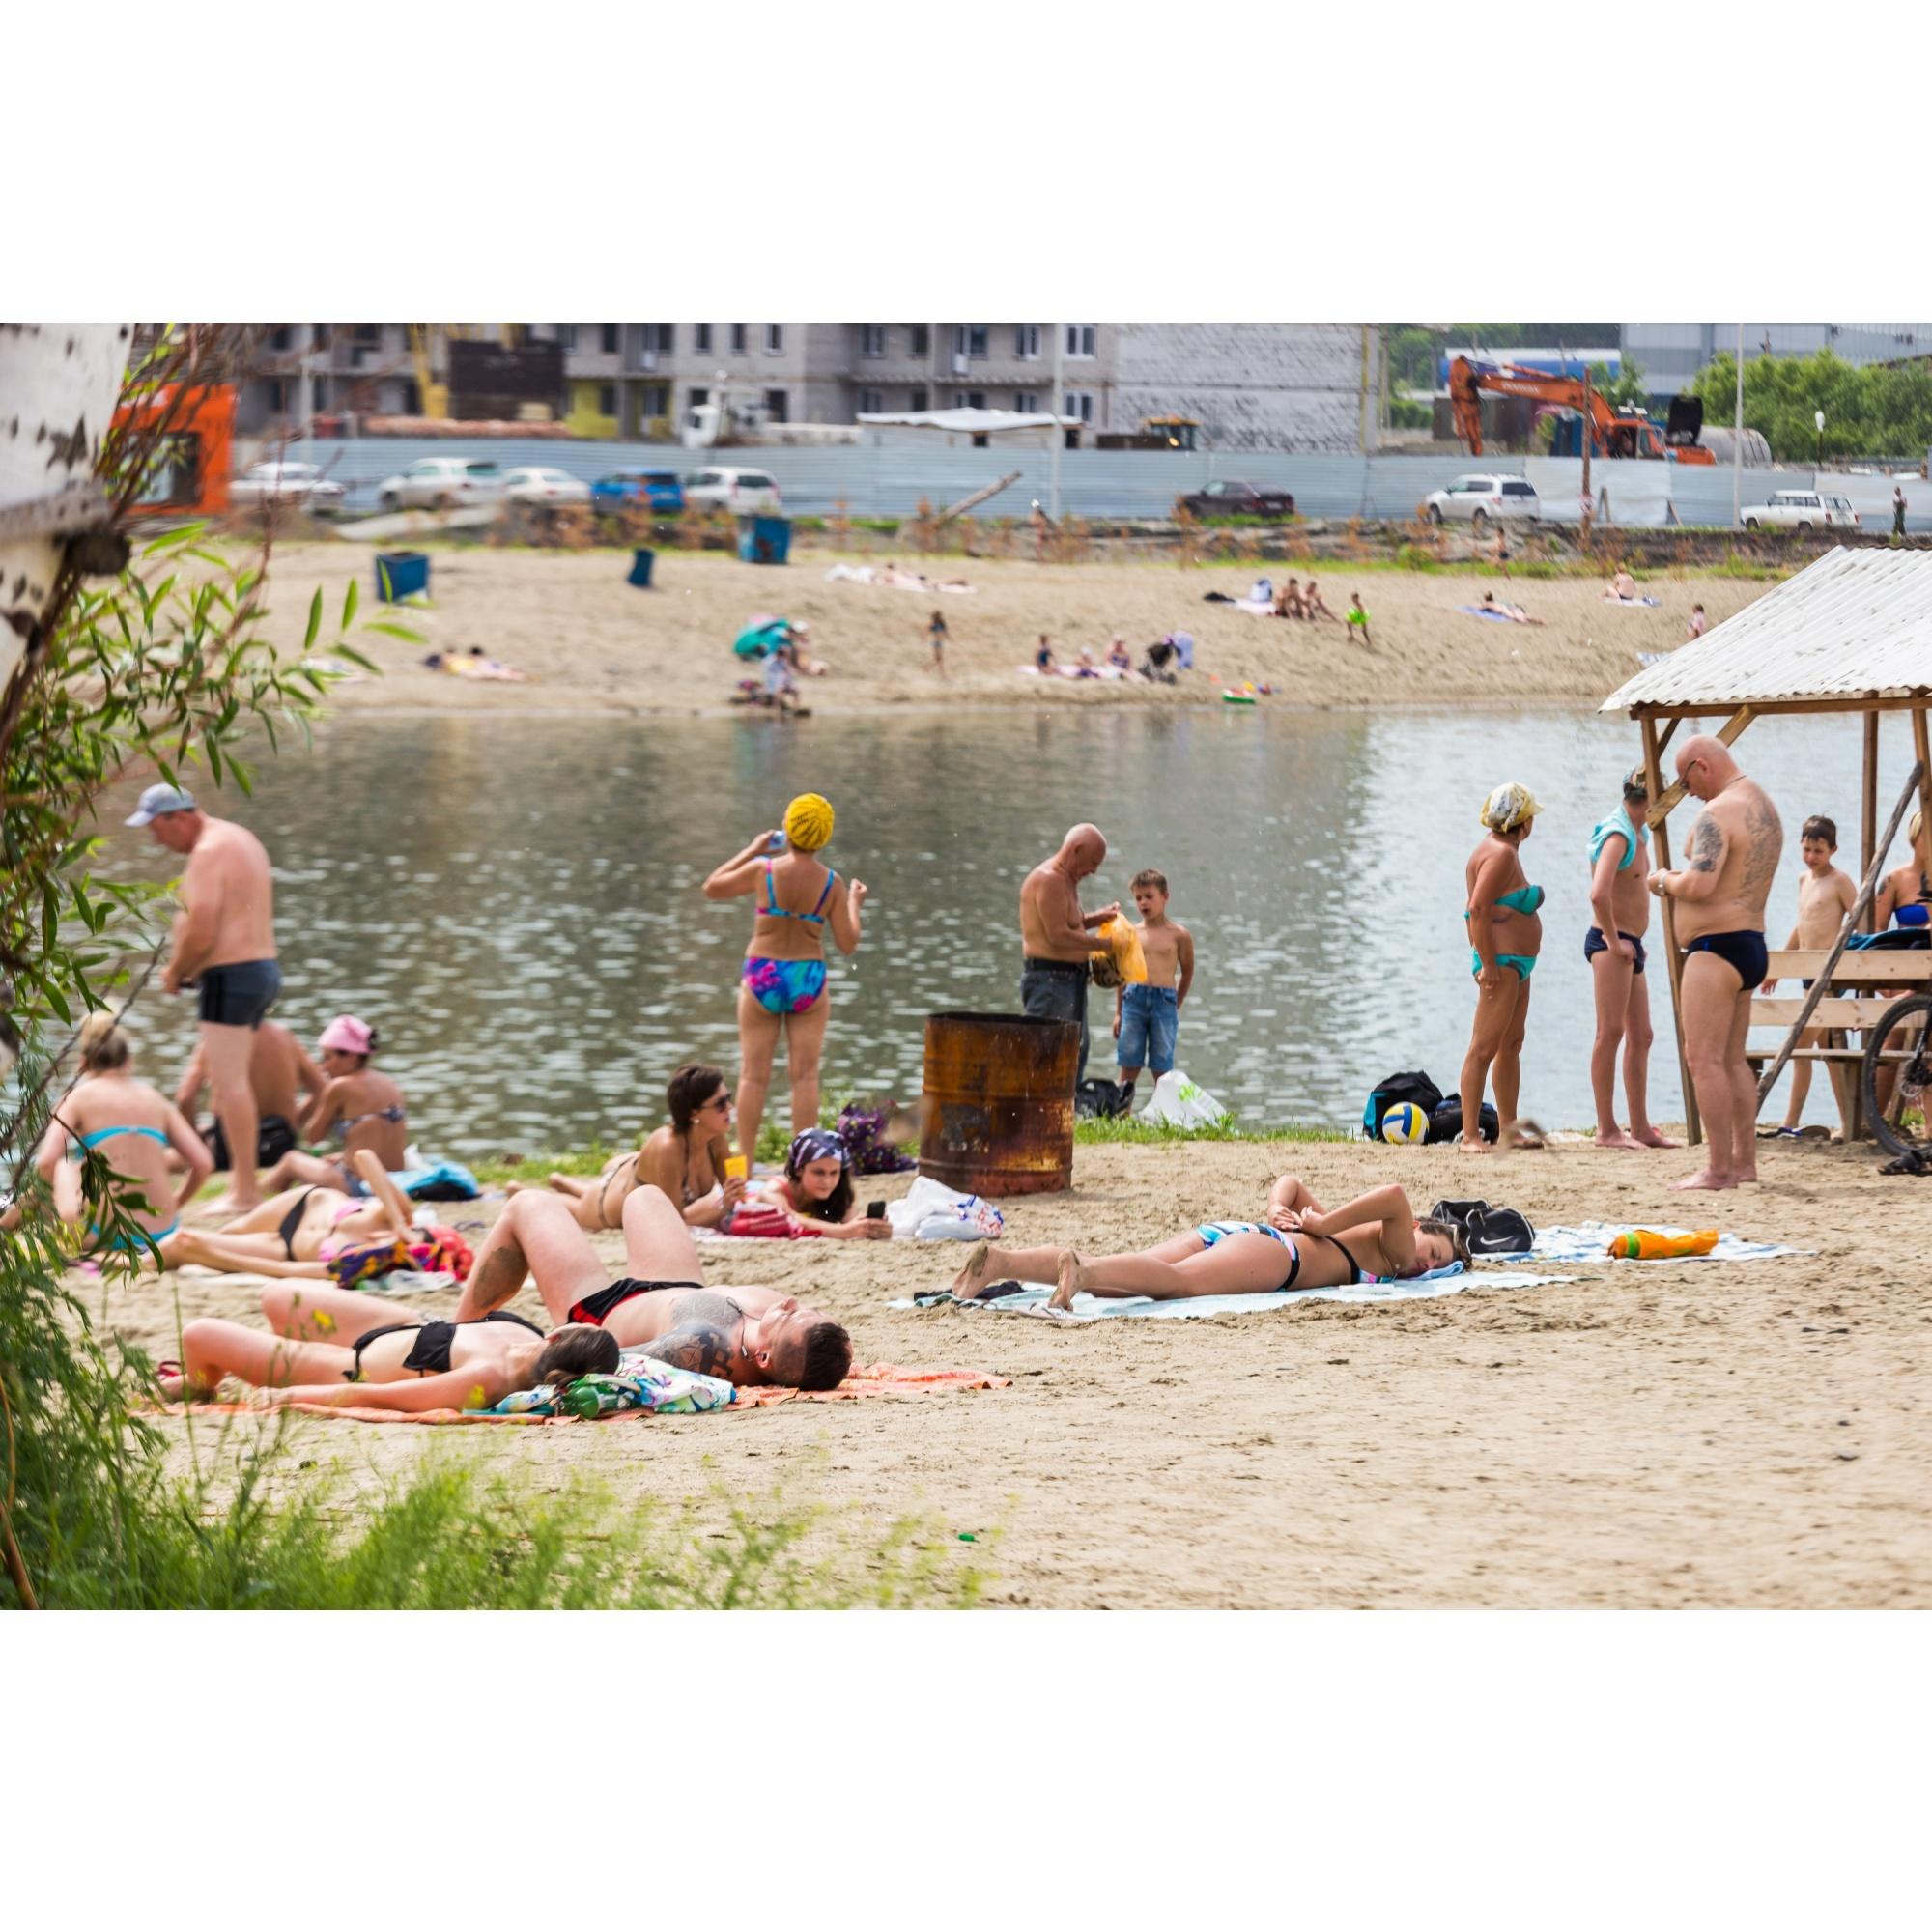 Спасатели постоянно предупреждают, что в озере Юго-Западного жилмассива купаться опасно